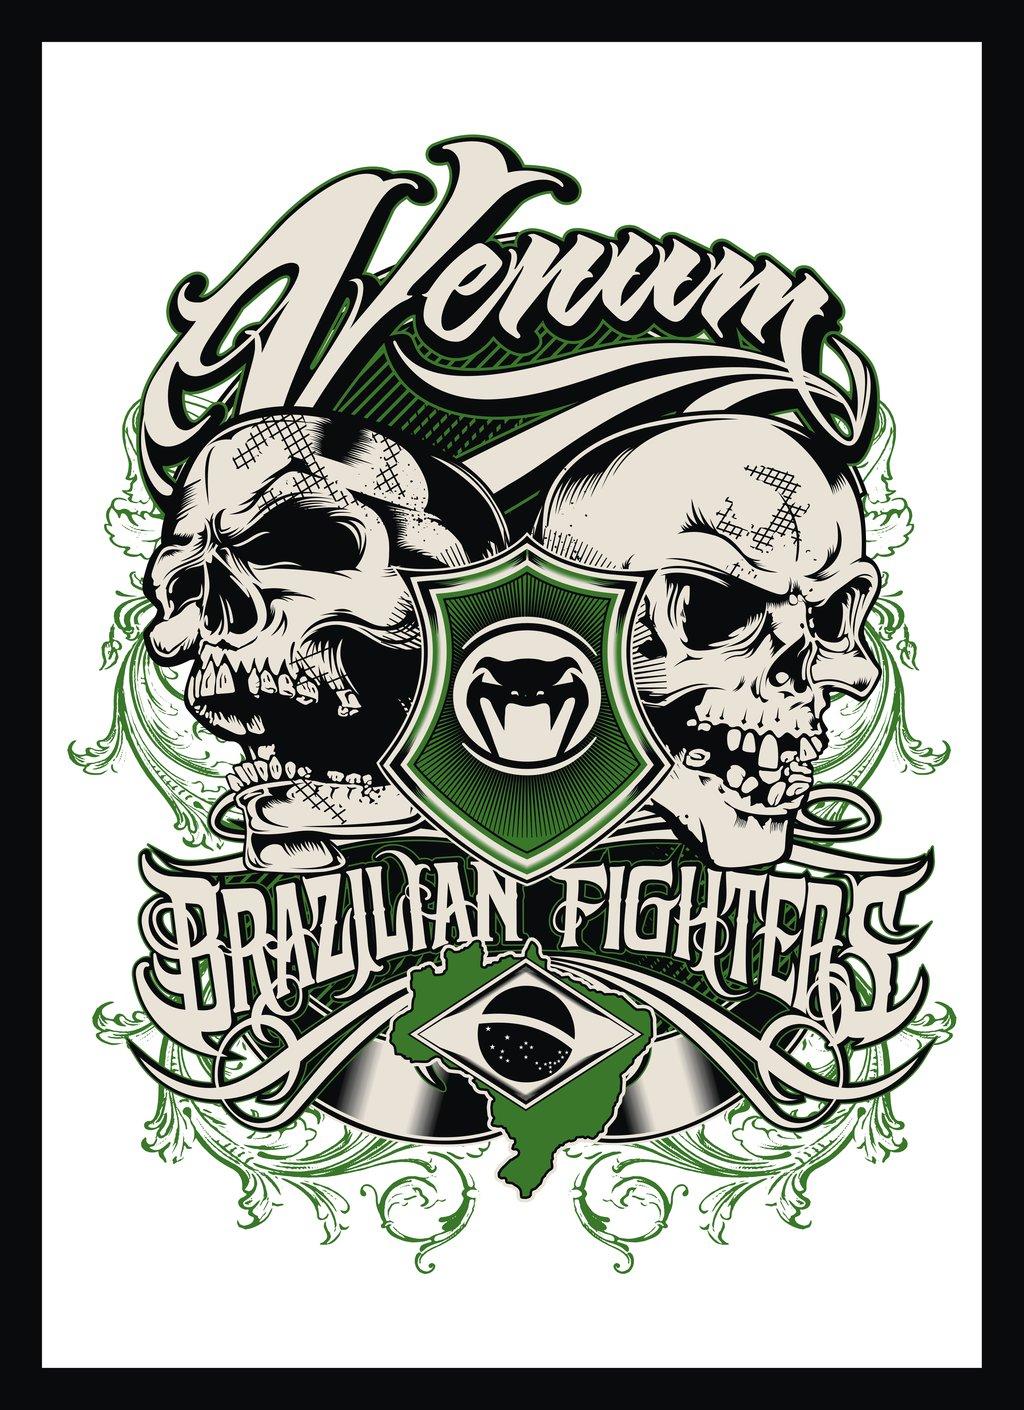 Best 56+ Venum Fightwear Wallpaper on HipWallpaper.